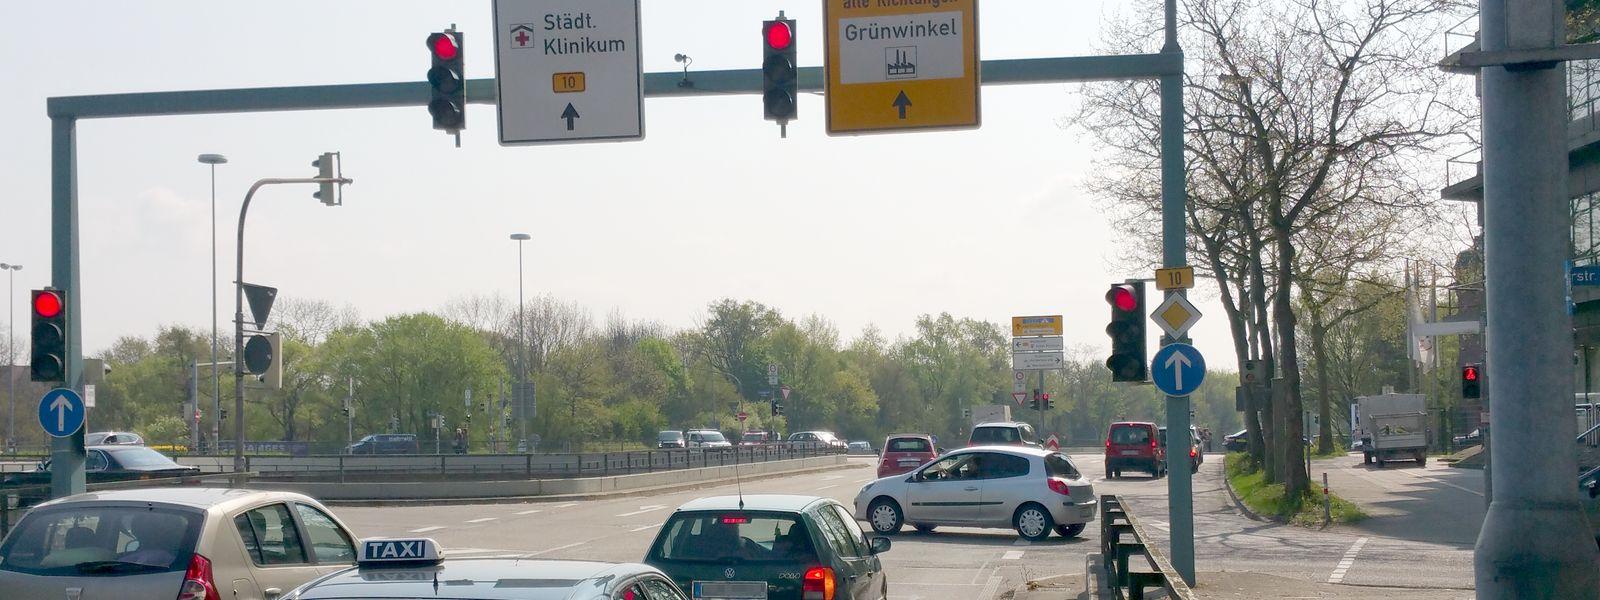 Rote Ampel überfahren in Karlsruhe, B10, Kreuzung Keßlerstraße? Bußgeld bzw. Fahrverbot nicht gleich akzeptieren!